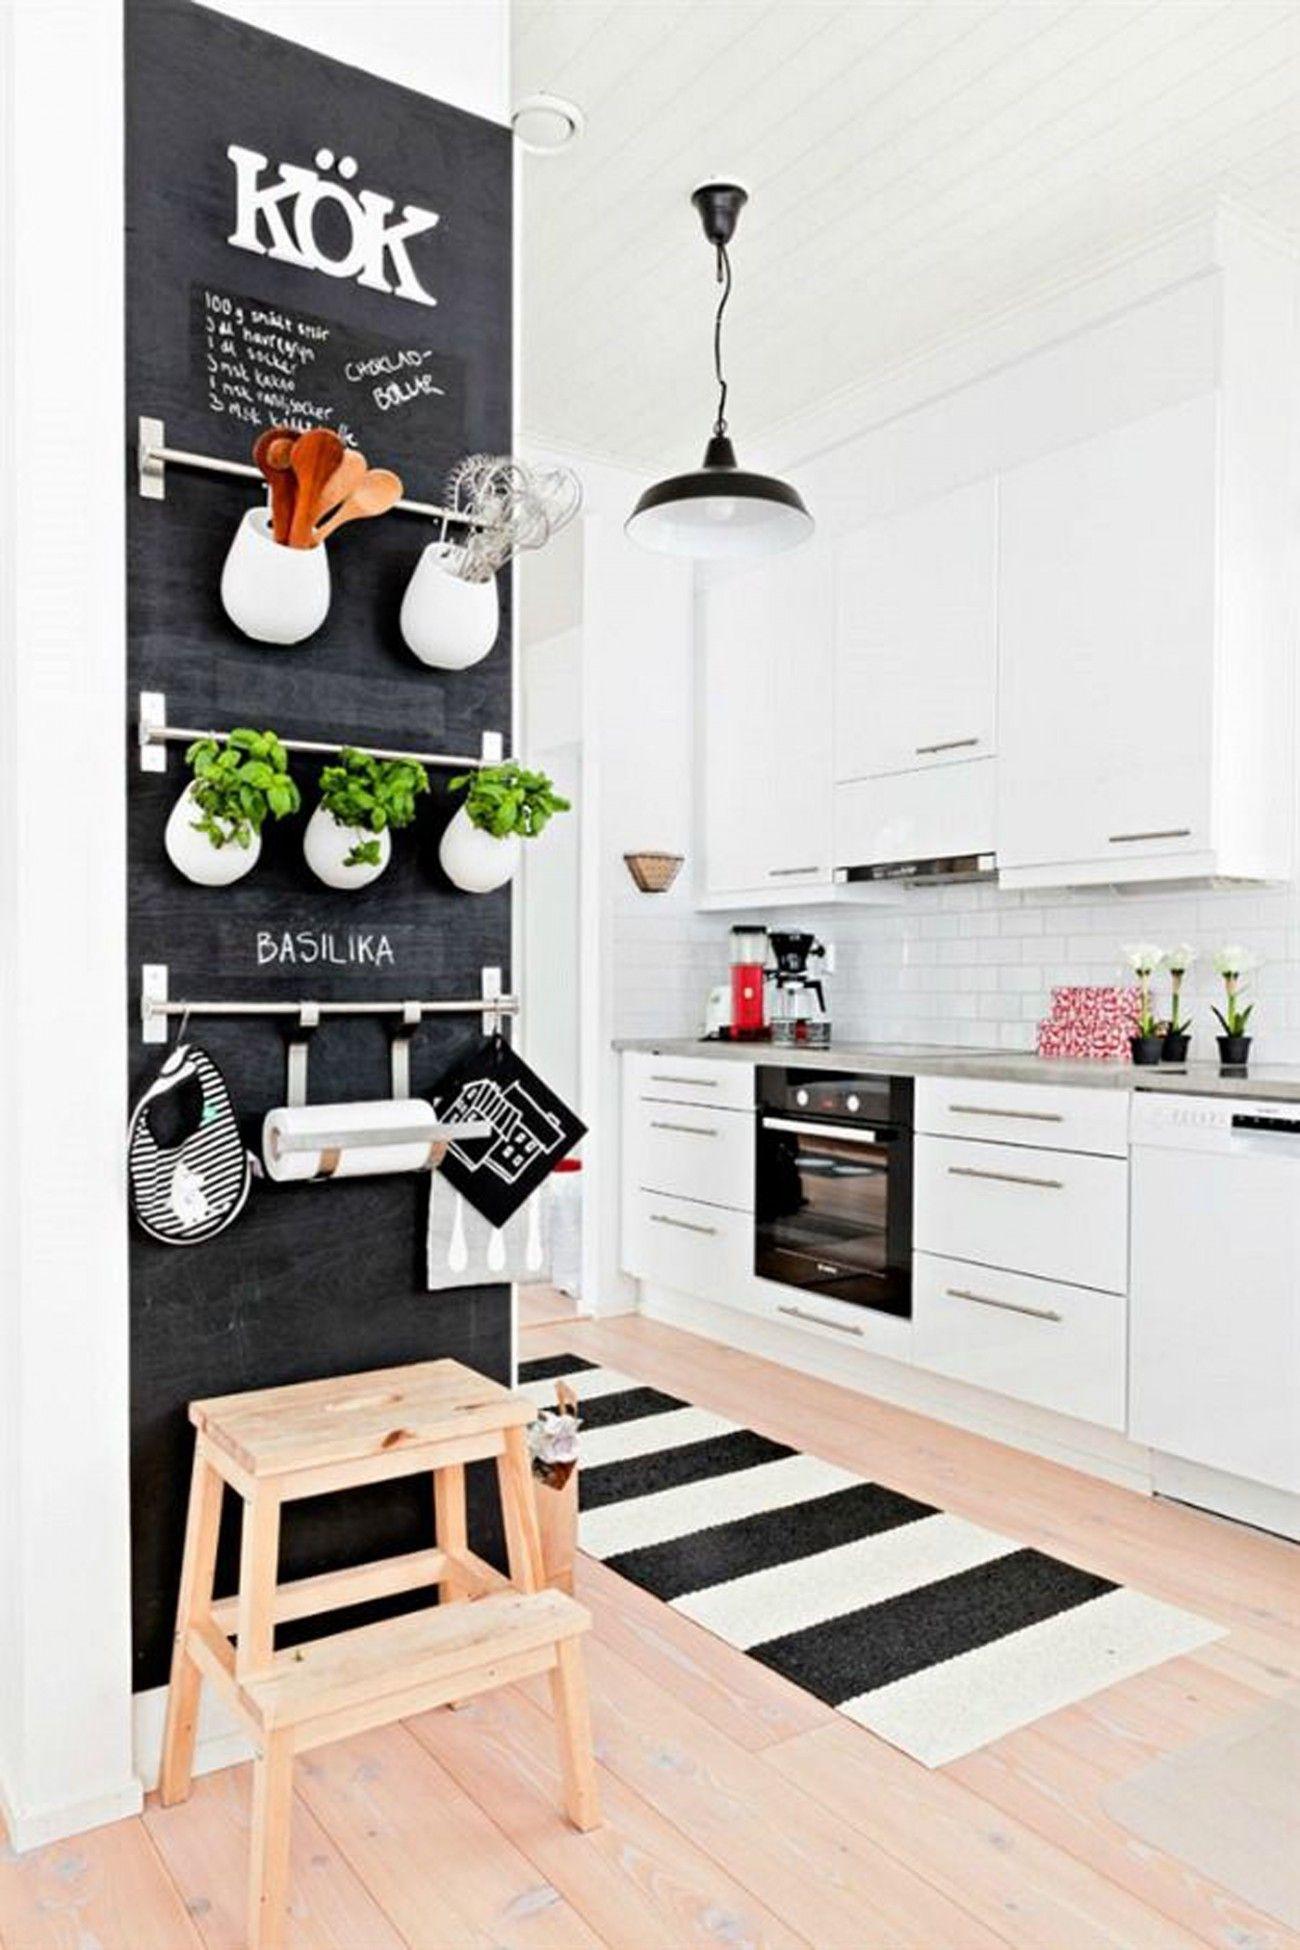 Noch so eine coole Tafel-Wand in der Küche | Wandgestaltung ...